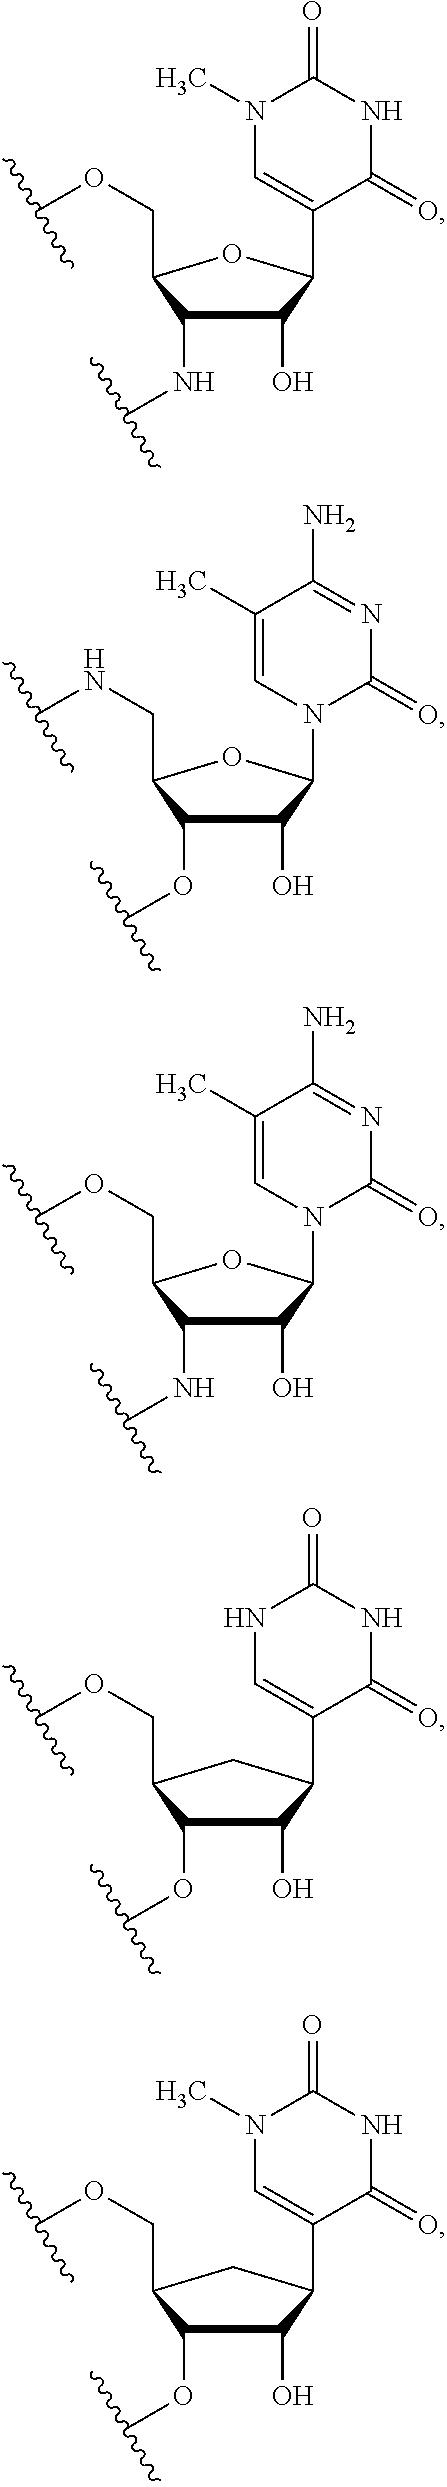 Figure US20160237108A1-20160818-C00035